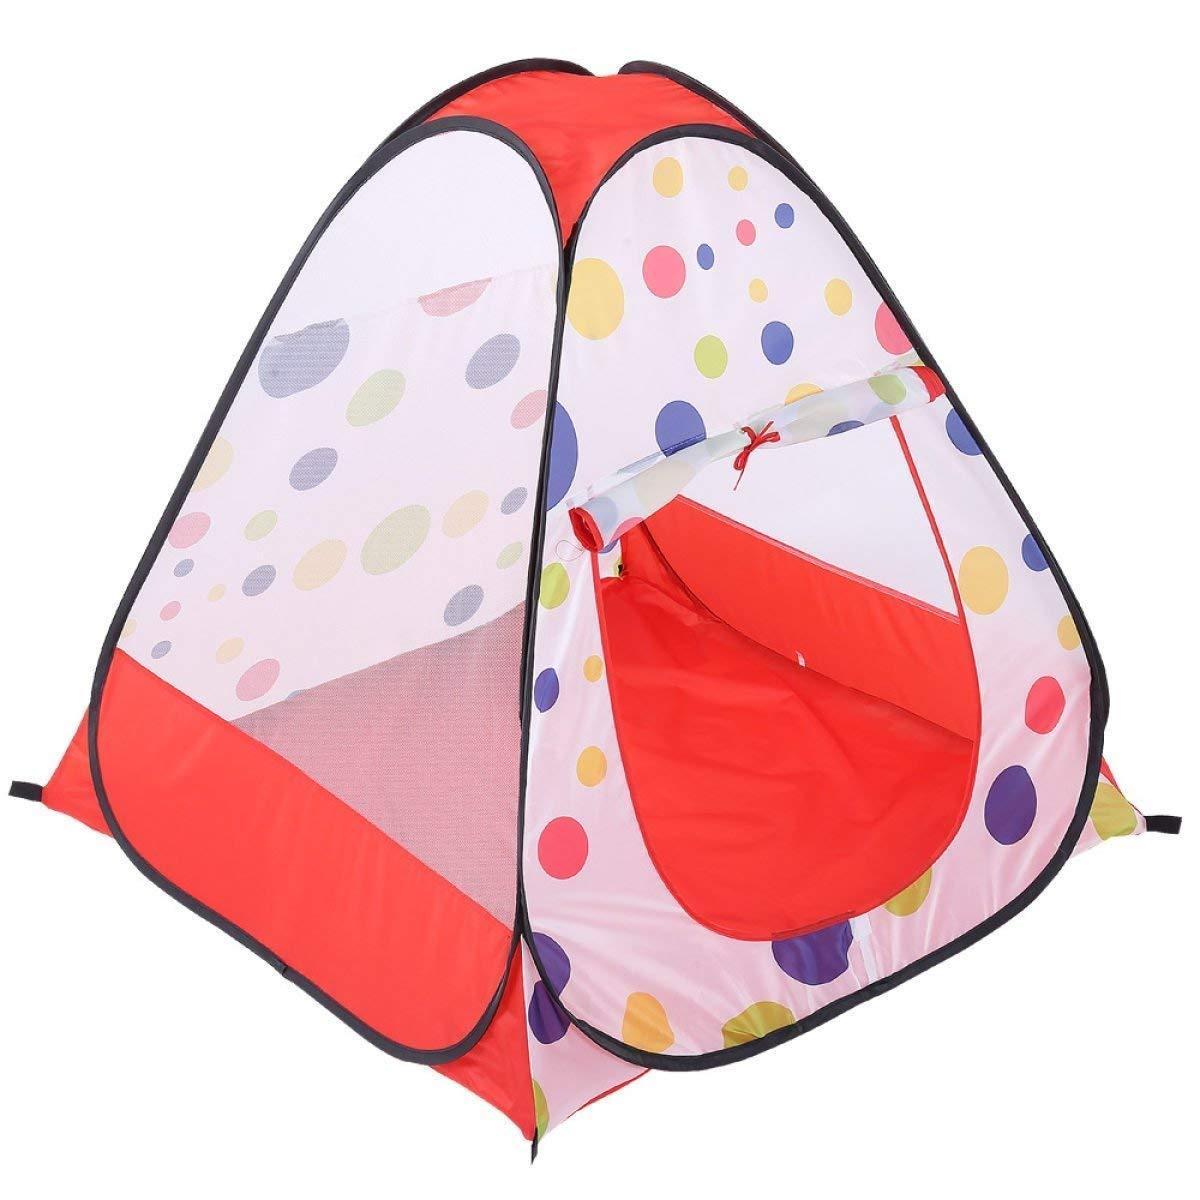 Mings Kinder Spielen Zelt farbpunkte dot net garn Vier Ball Pool Spiel Haus Baby yurt